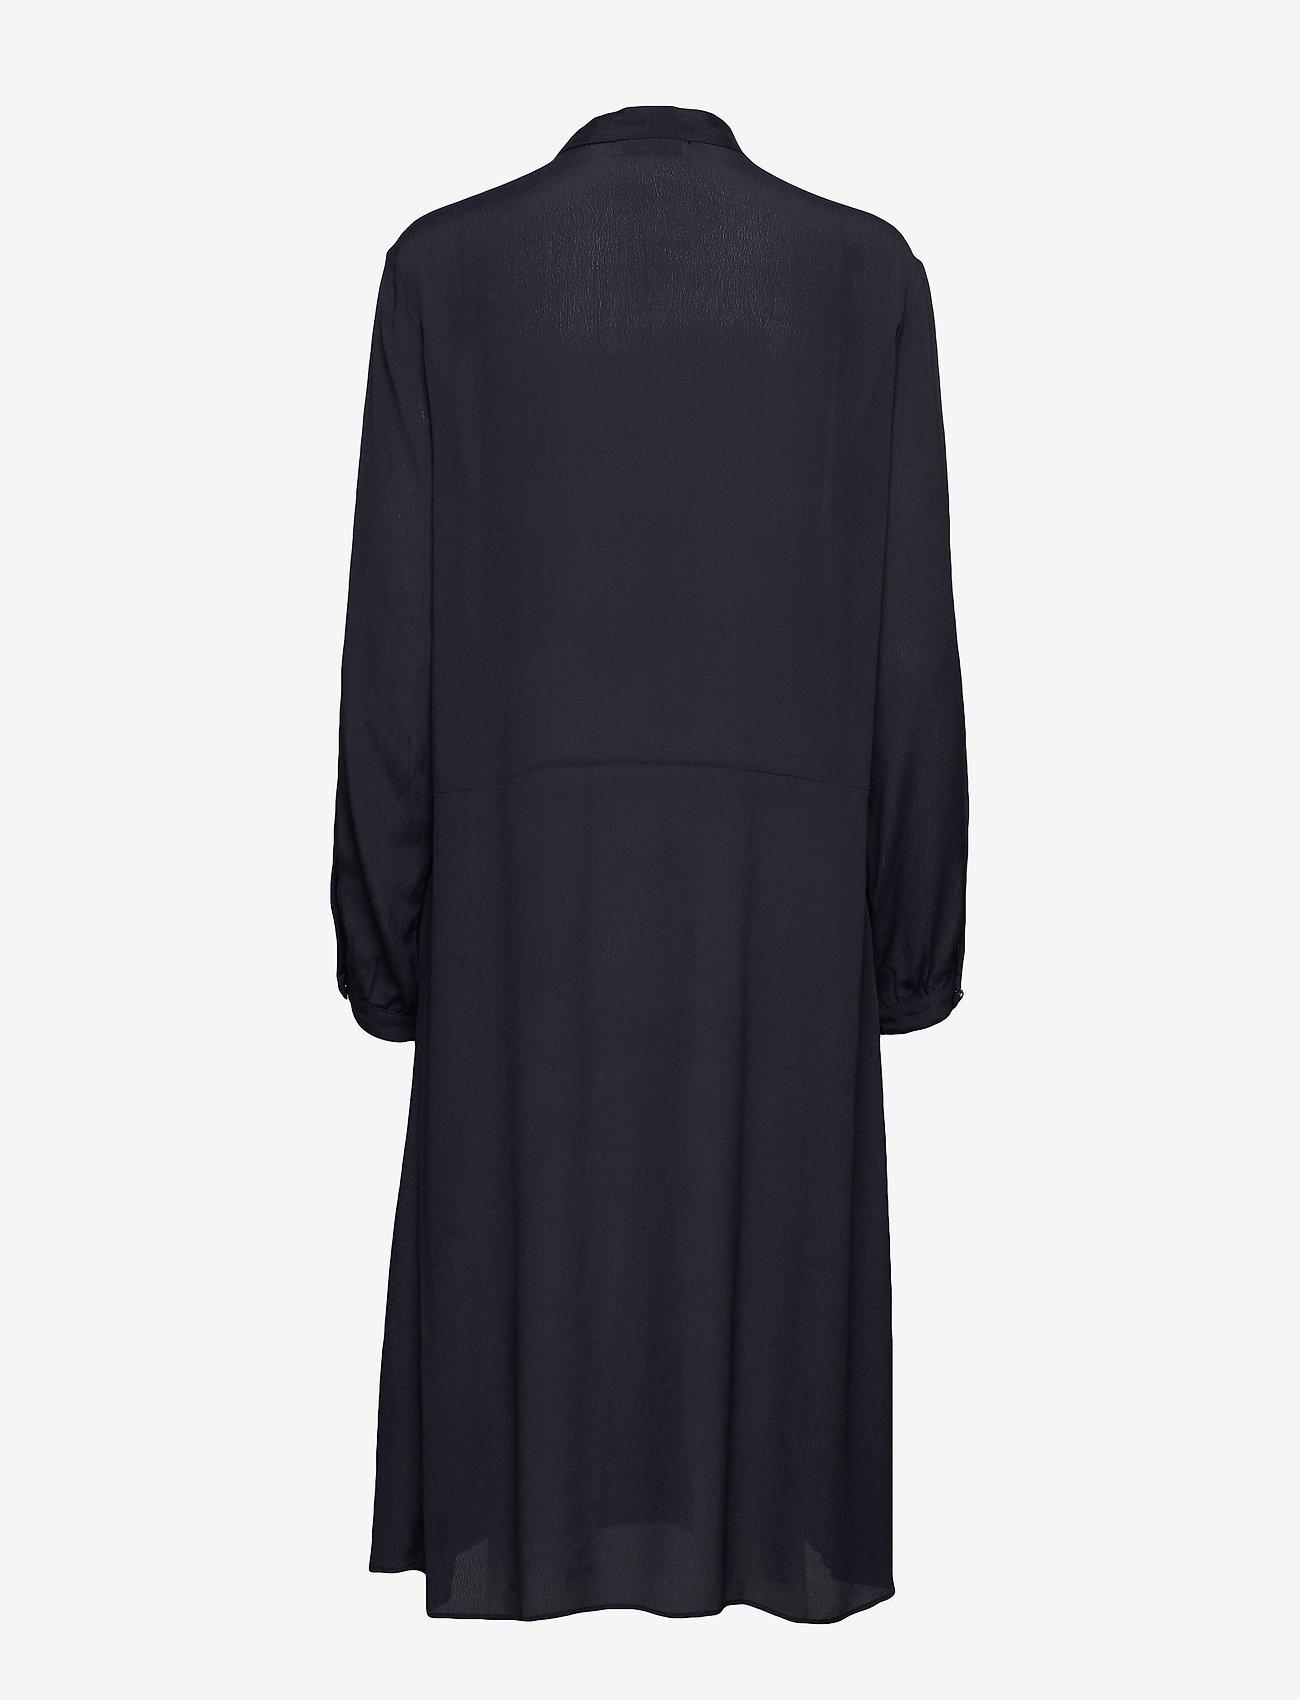 Merrit Dress 10867 (Night Sky) (64.50 €) - Samsøe Samsøe P2rYj